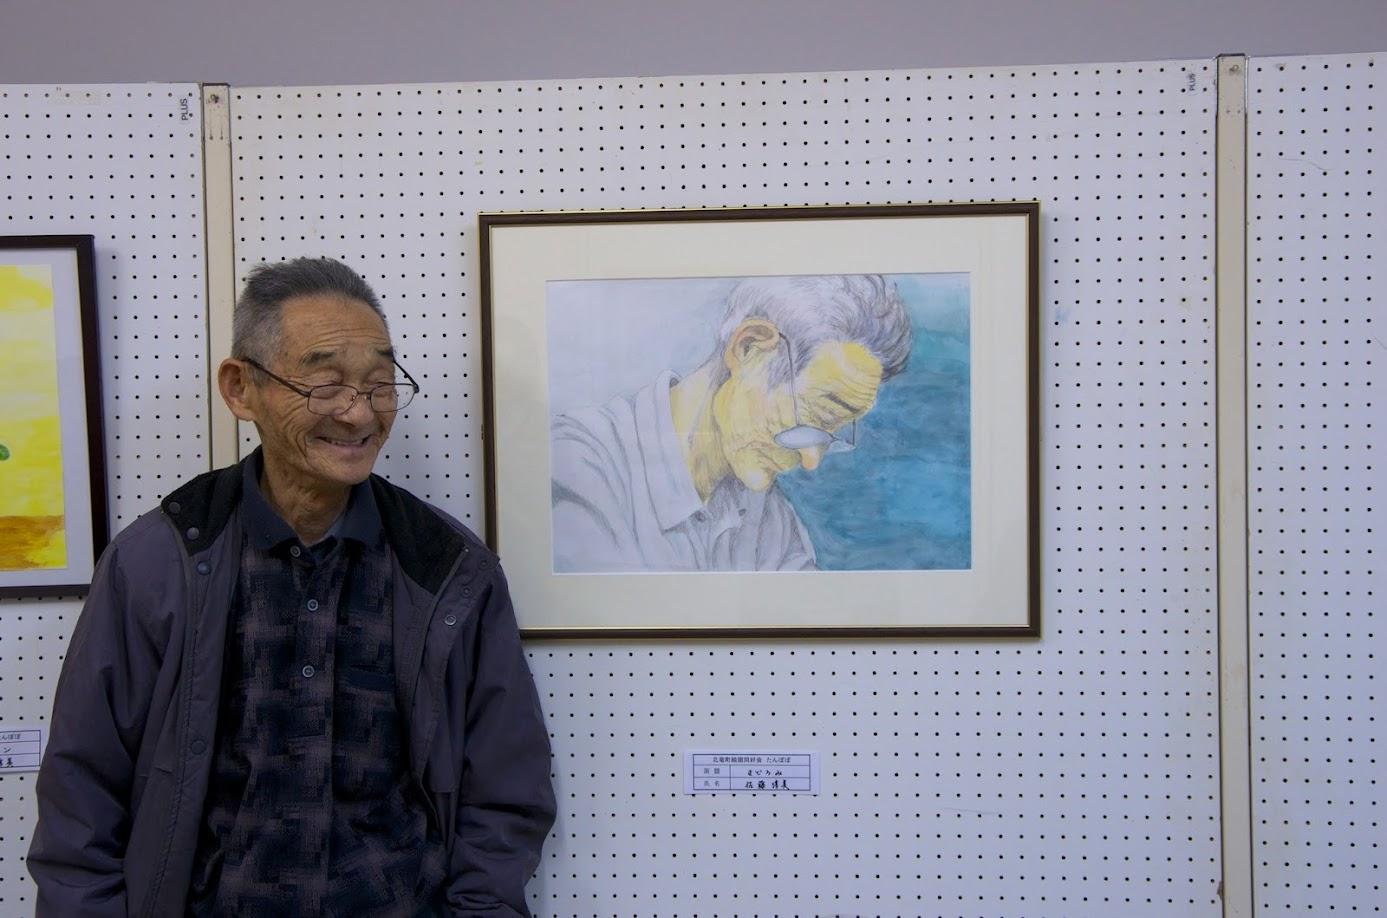 佐藤さん所蔵の写真